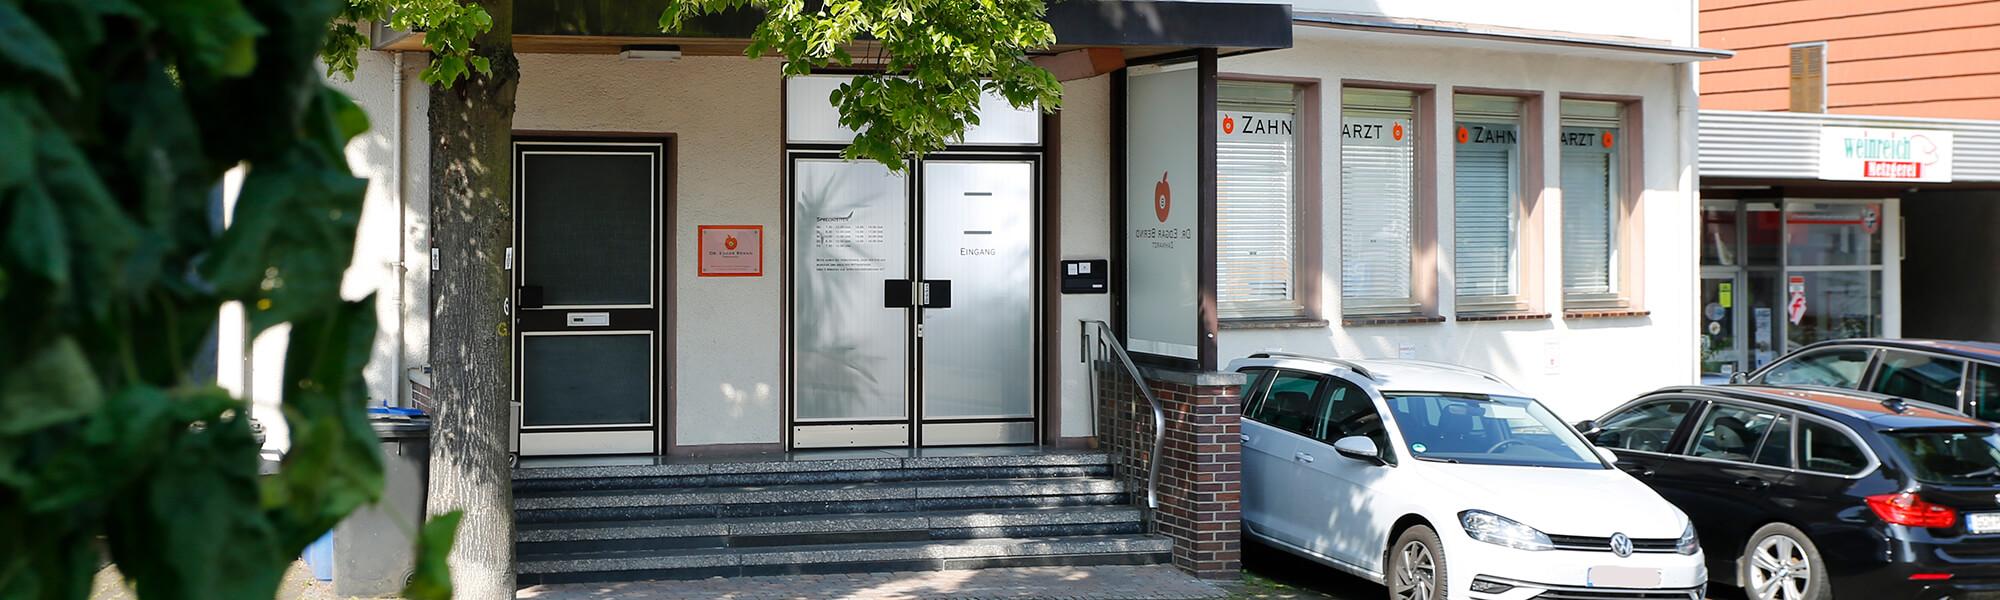 Günstiger Zahnersatz nahe Kassel in Guxhagen - Praxis